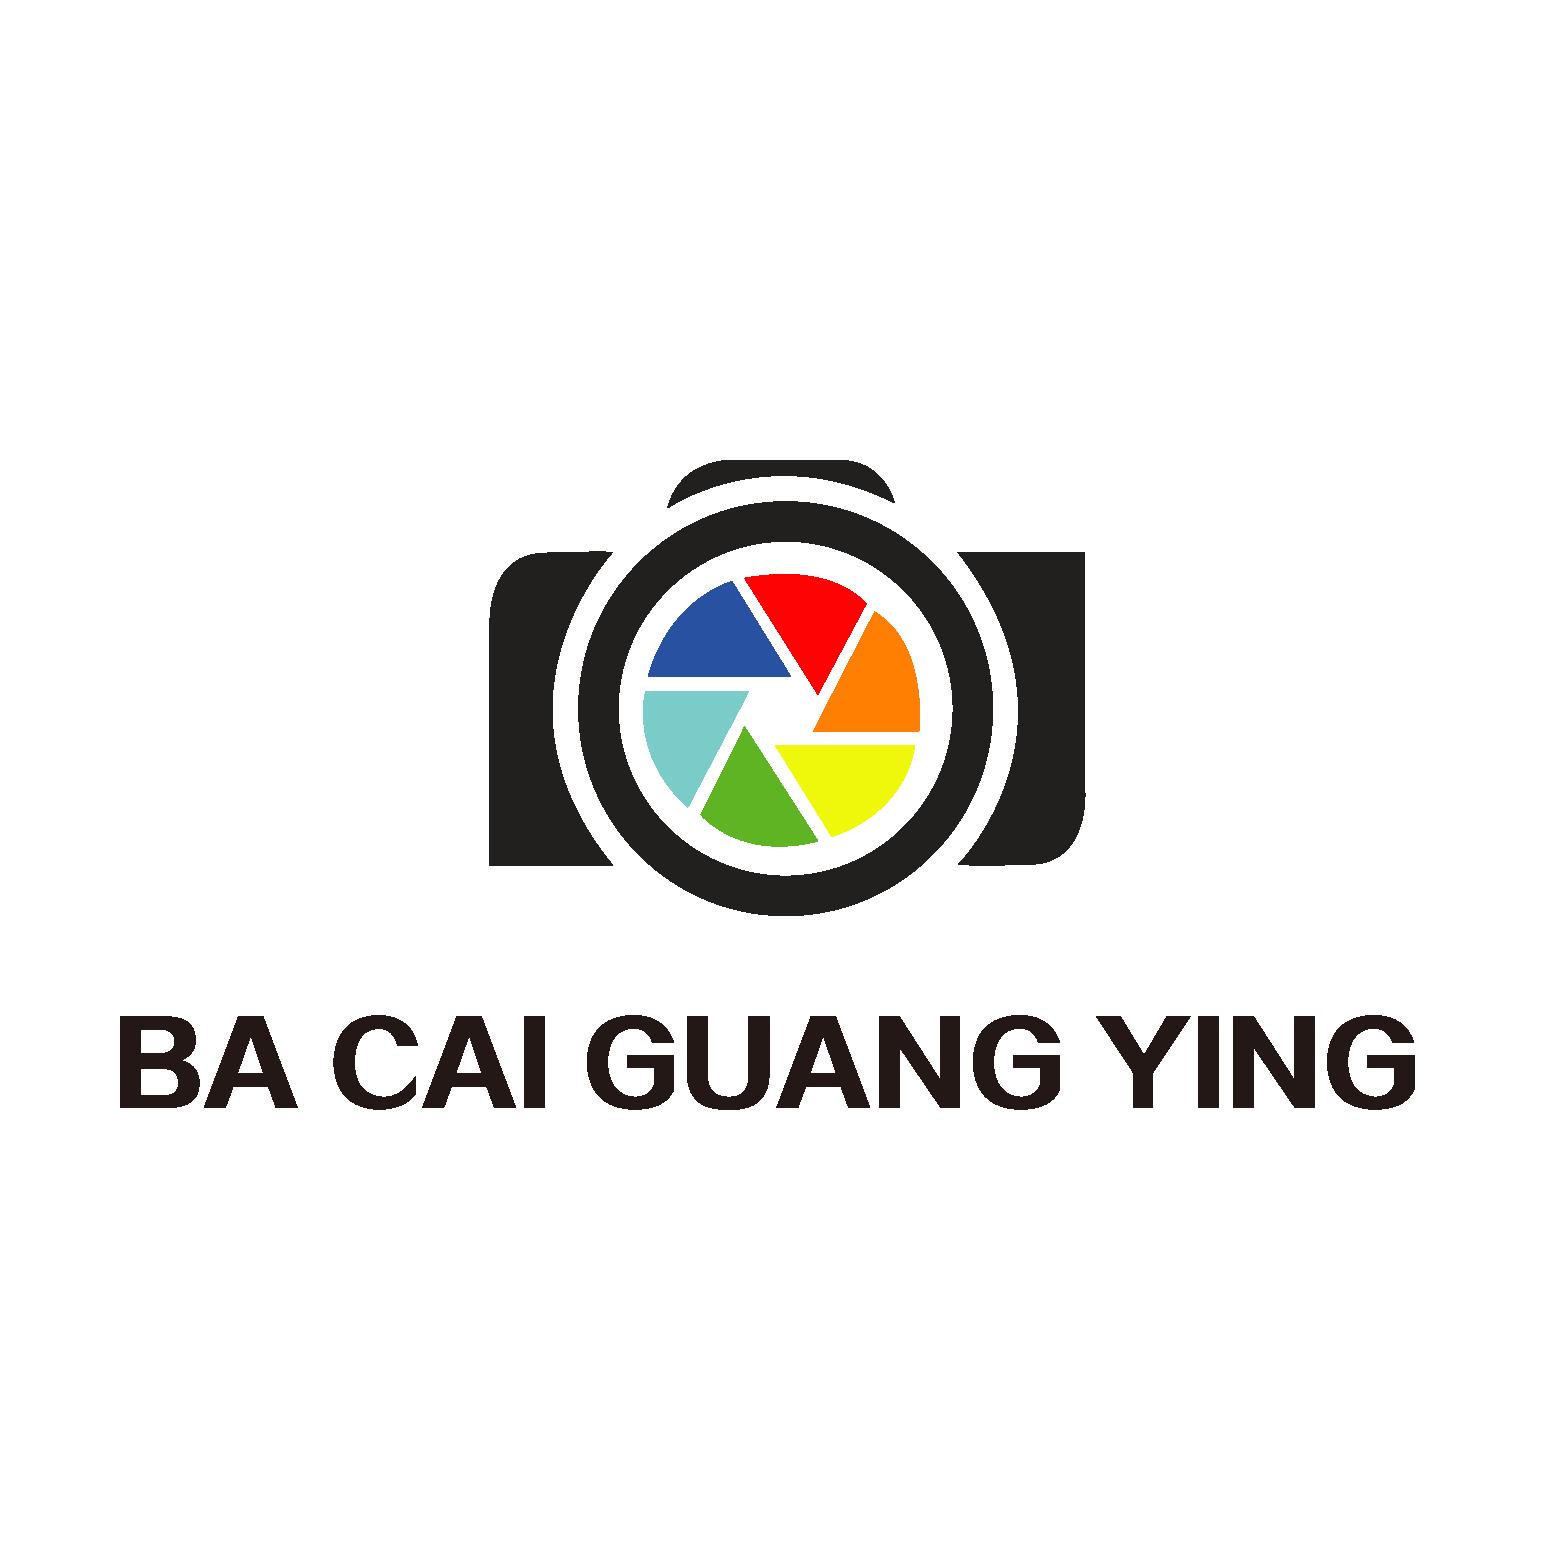 八彩光影摄影器材网